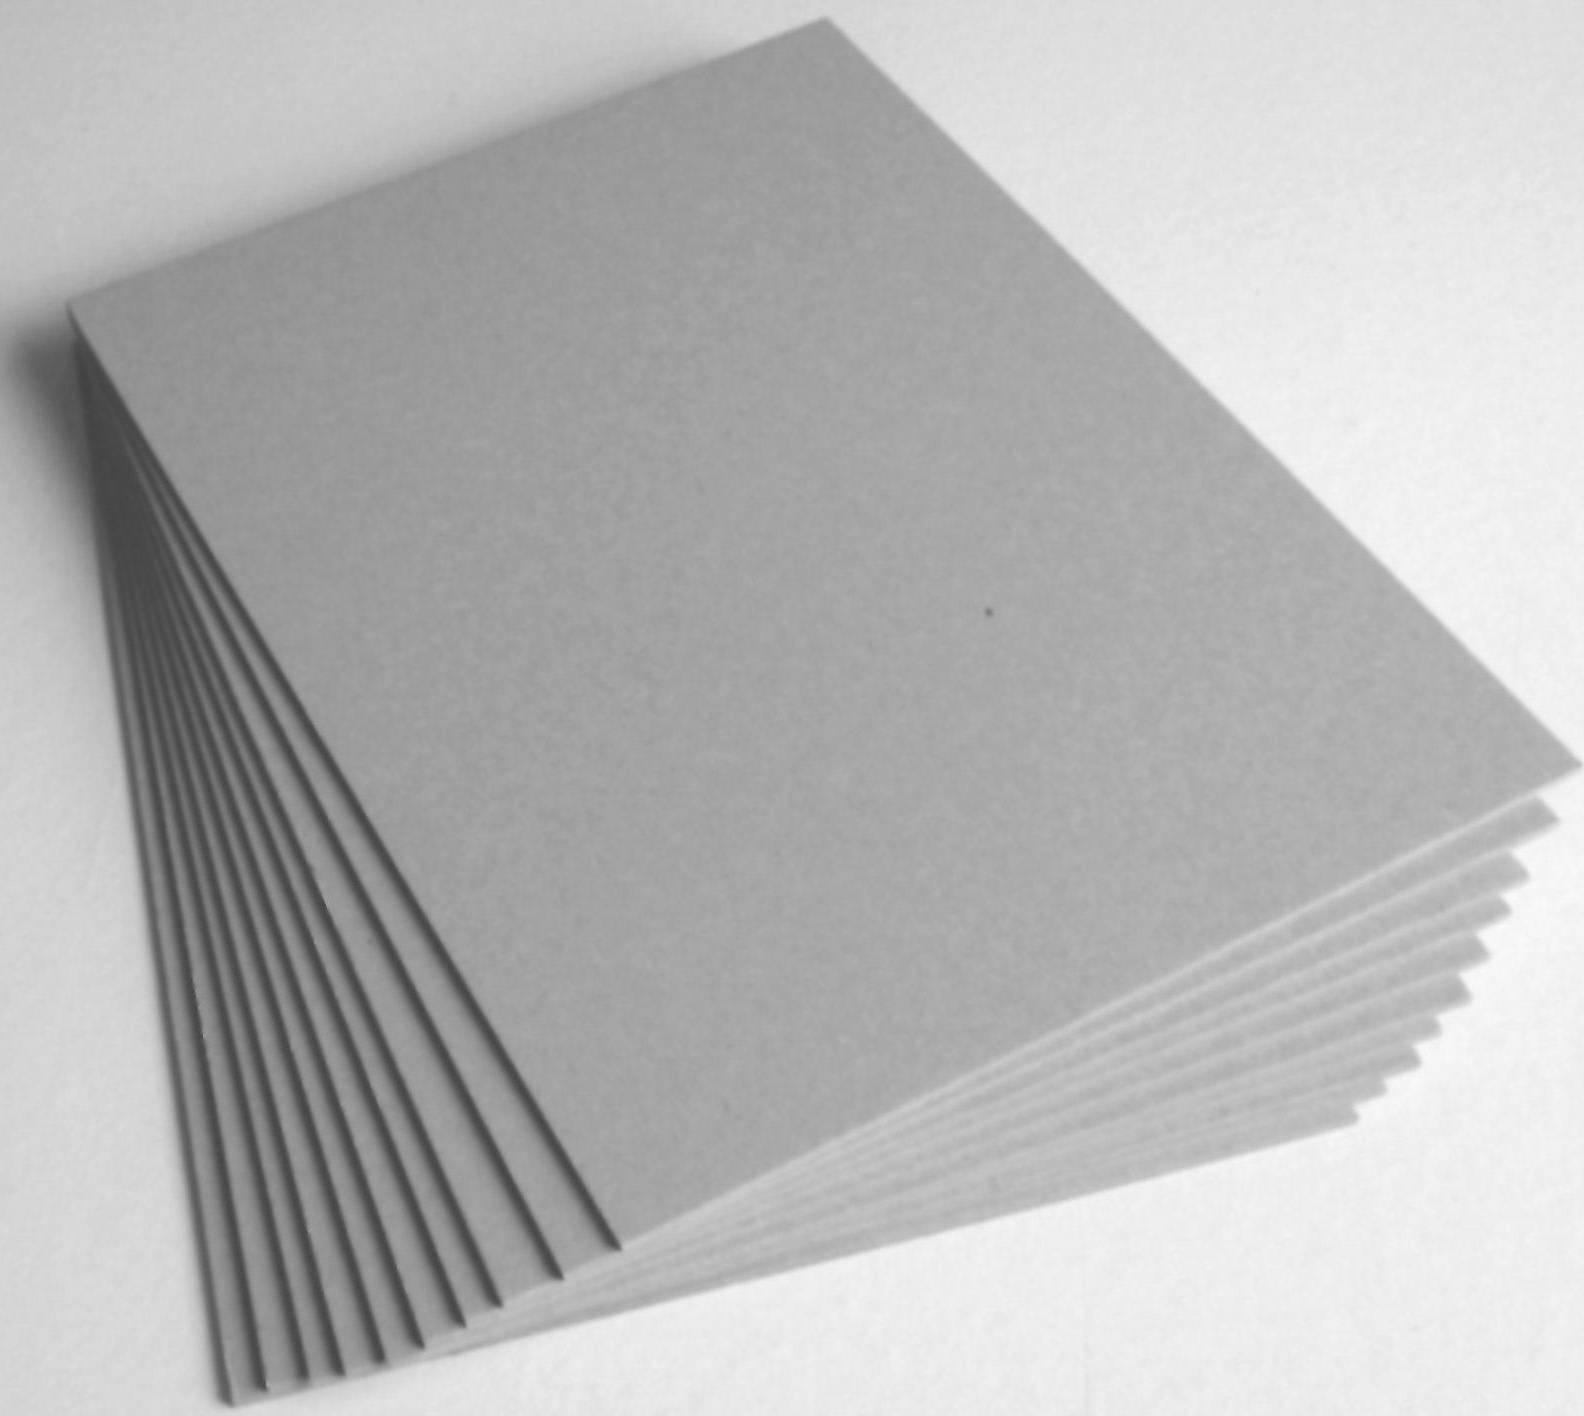 Gold supplier grey board for carton box